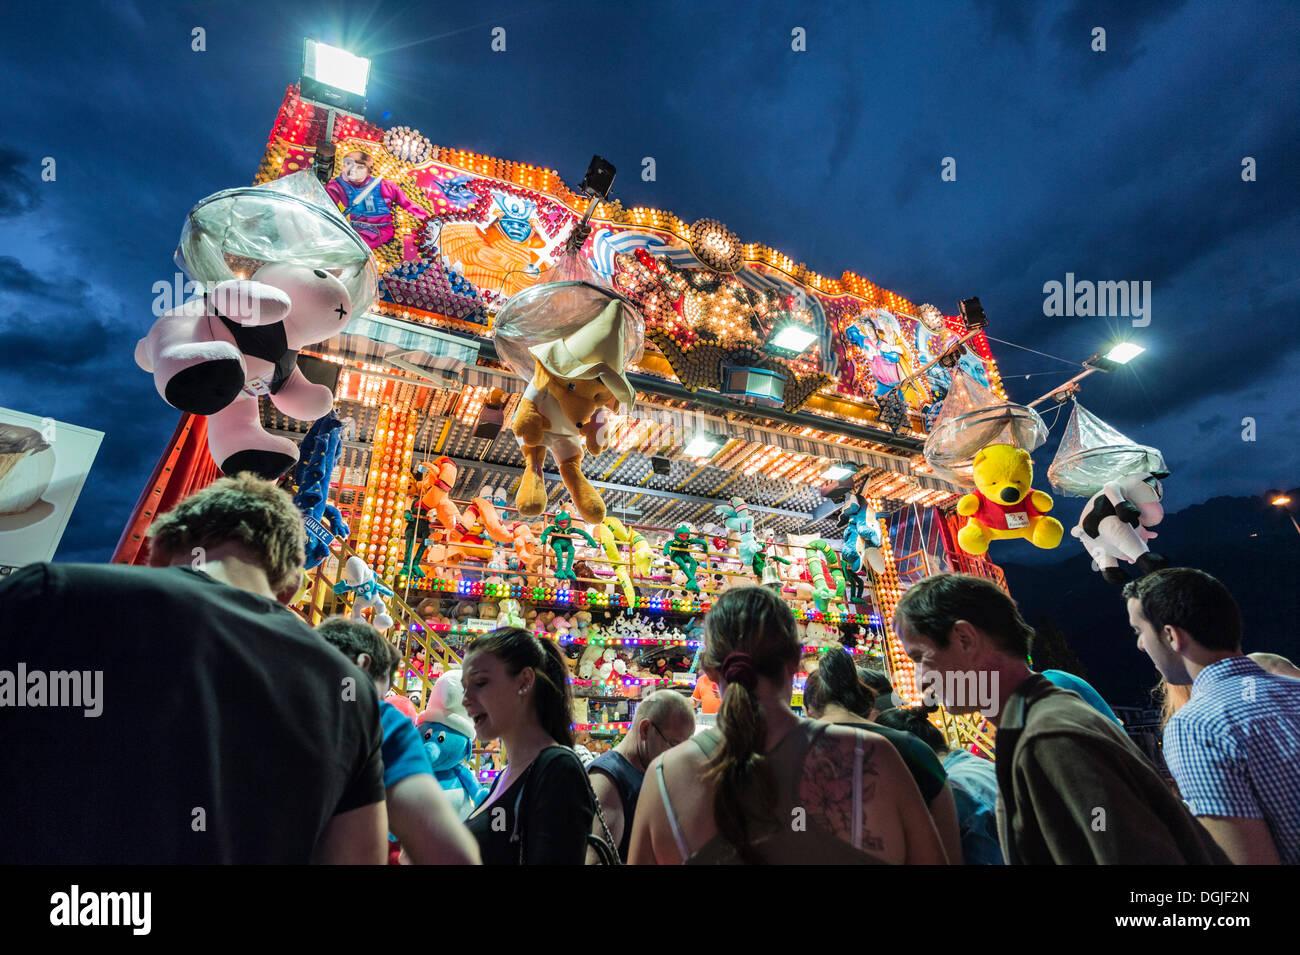 Les gens debout devant un stand de tir, Suedring amusement park, Innsbruck, Tyrol, Autriche, Europe Photo Stock